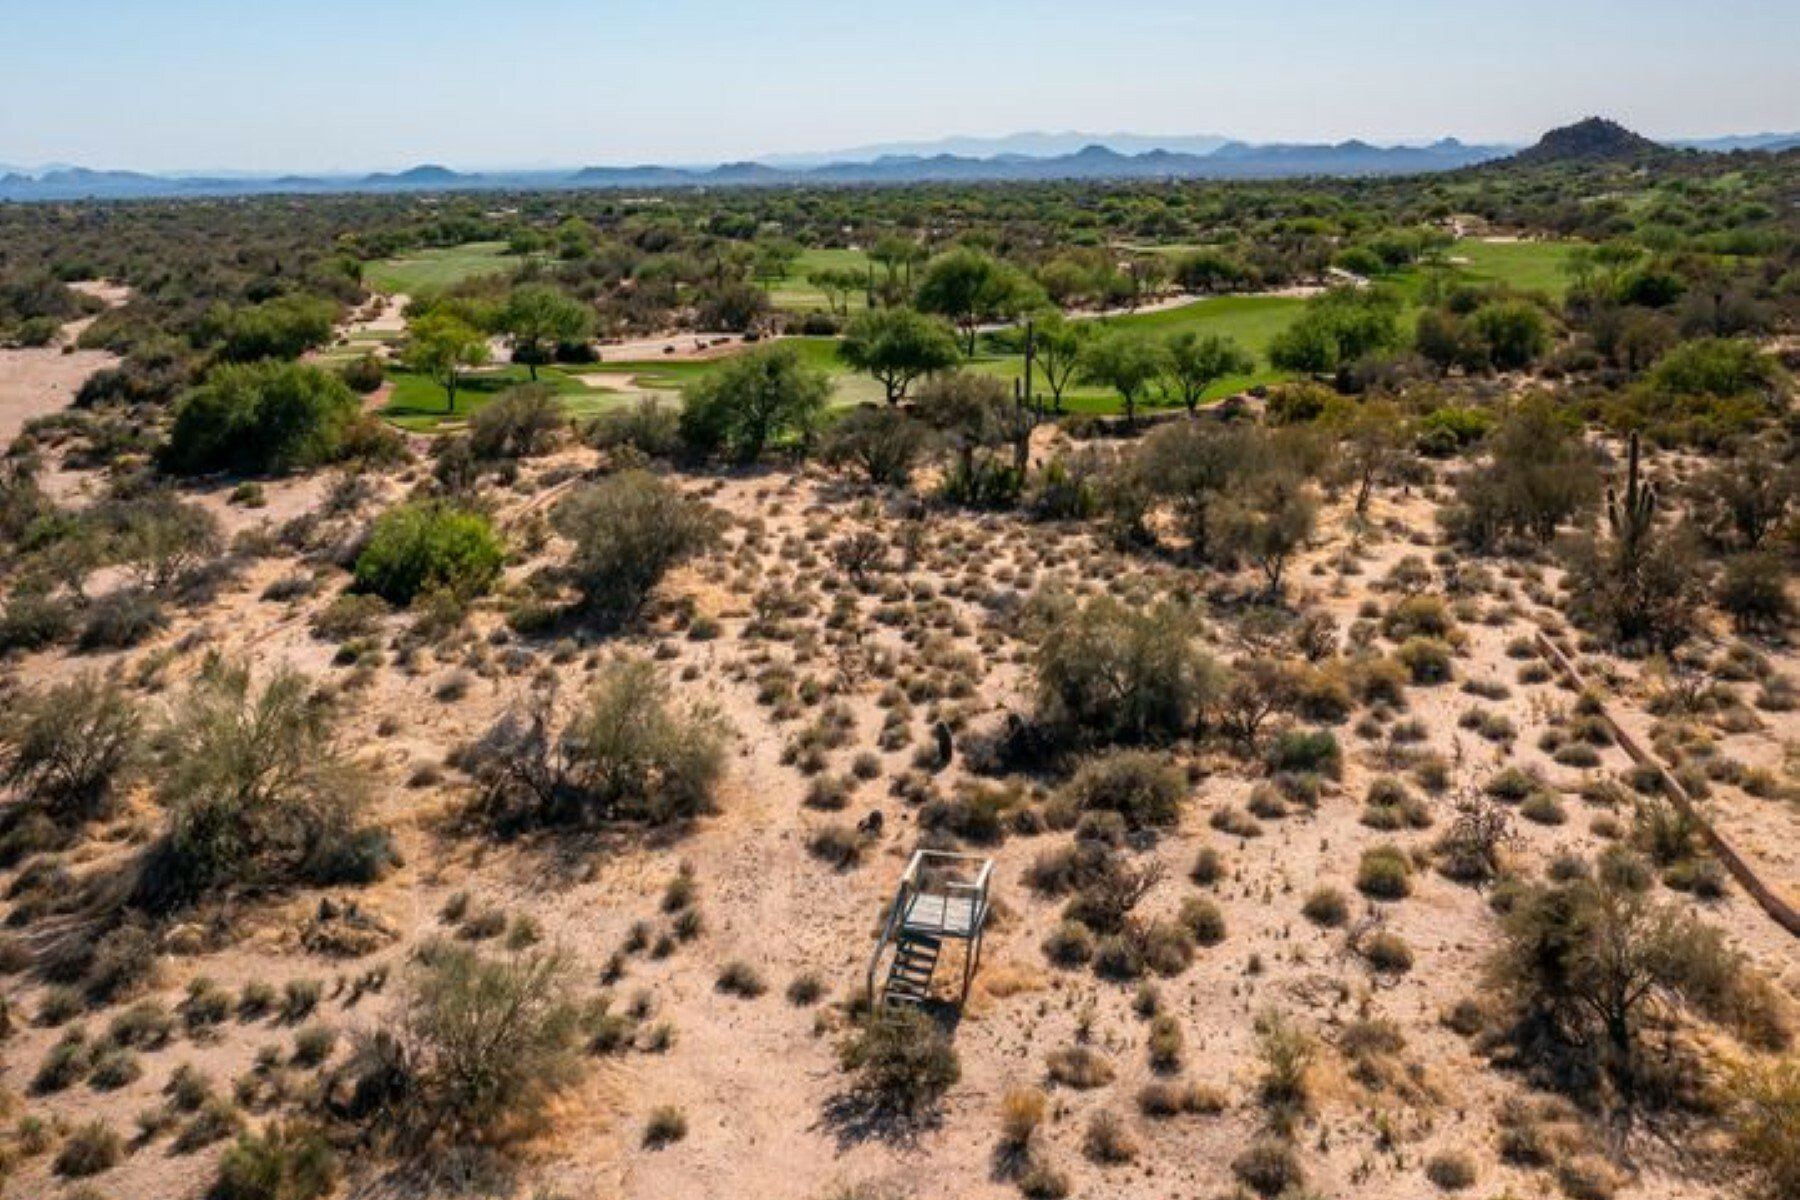 Terreno a Scottsdale, Arizona, Stati Uniti 1 - 11418024